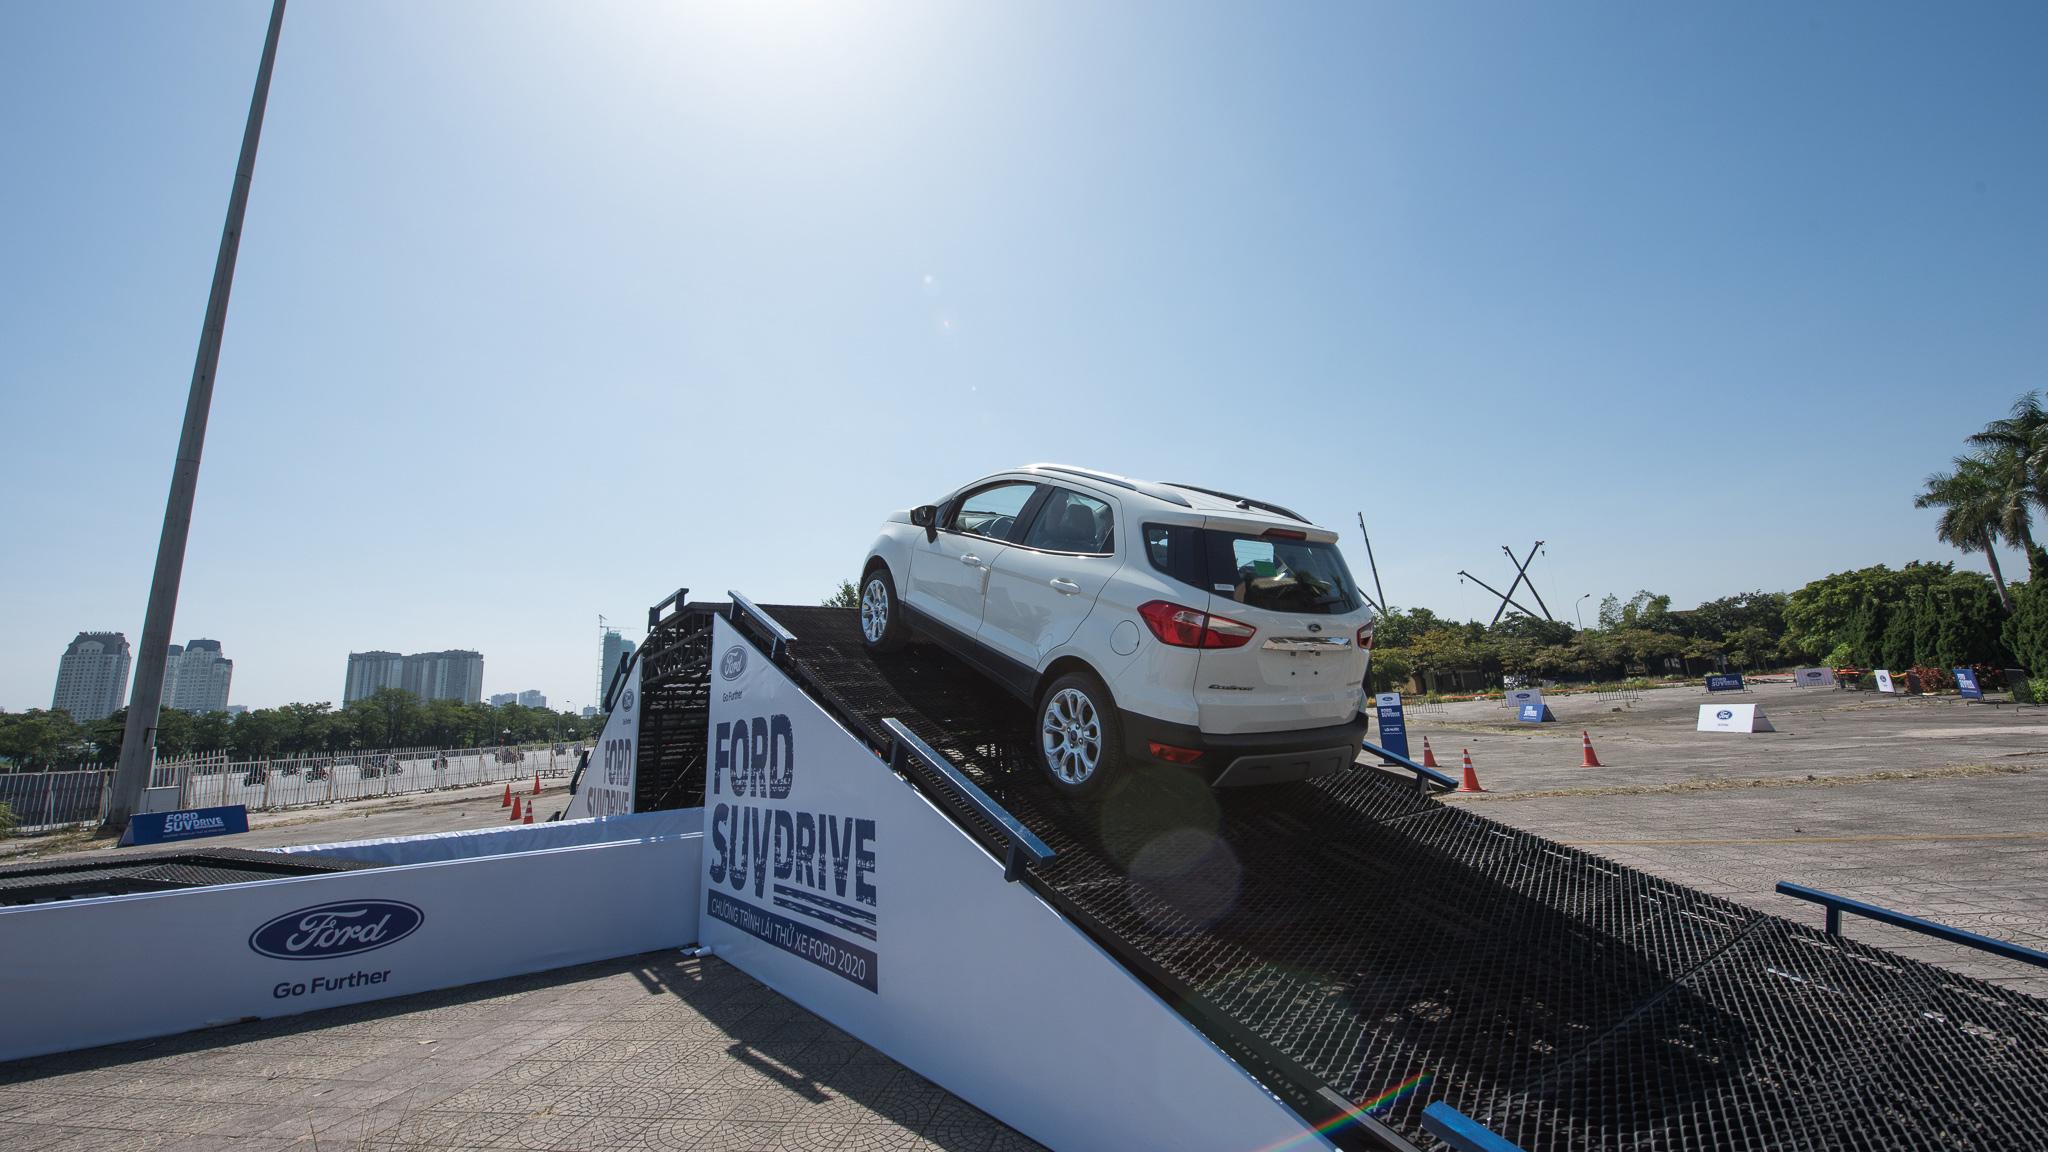 Ford Việt Nam khởi động chuỗi sự kiện lái thử Ford SUV Drive 2020